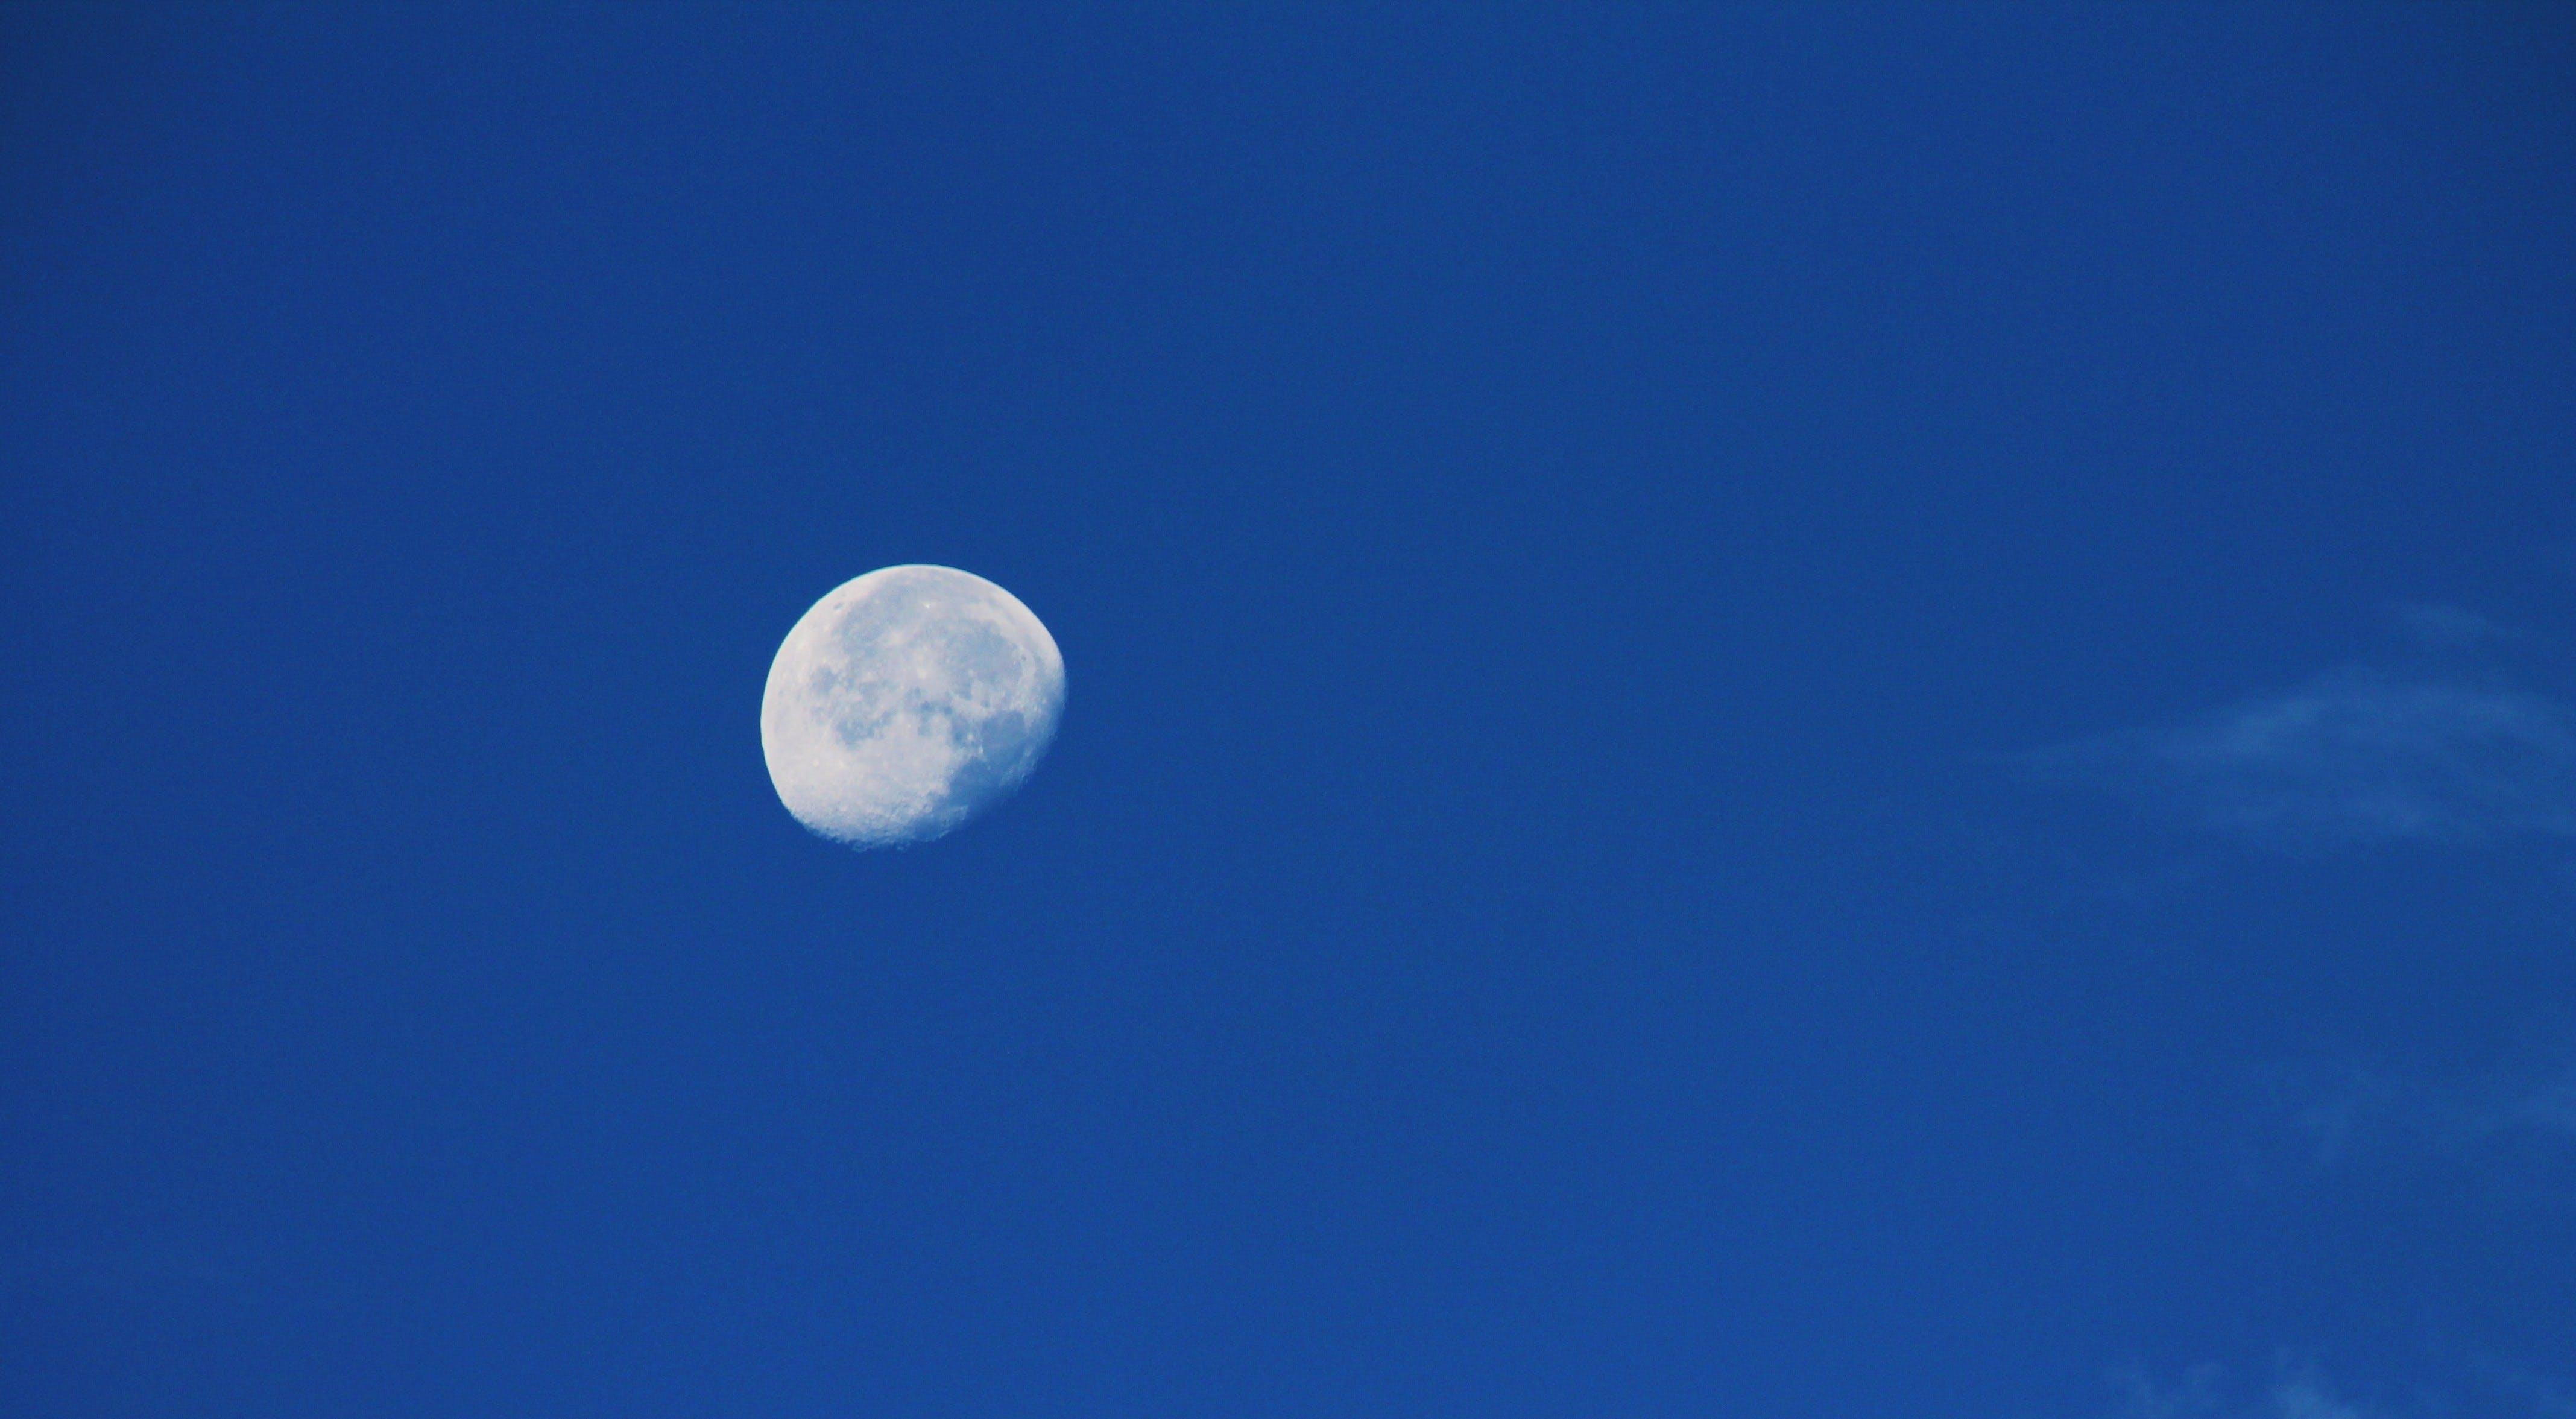 Blue Sky during Quarter Moon